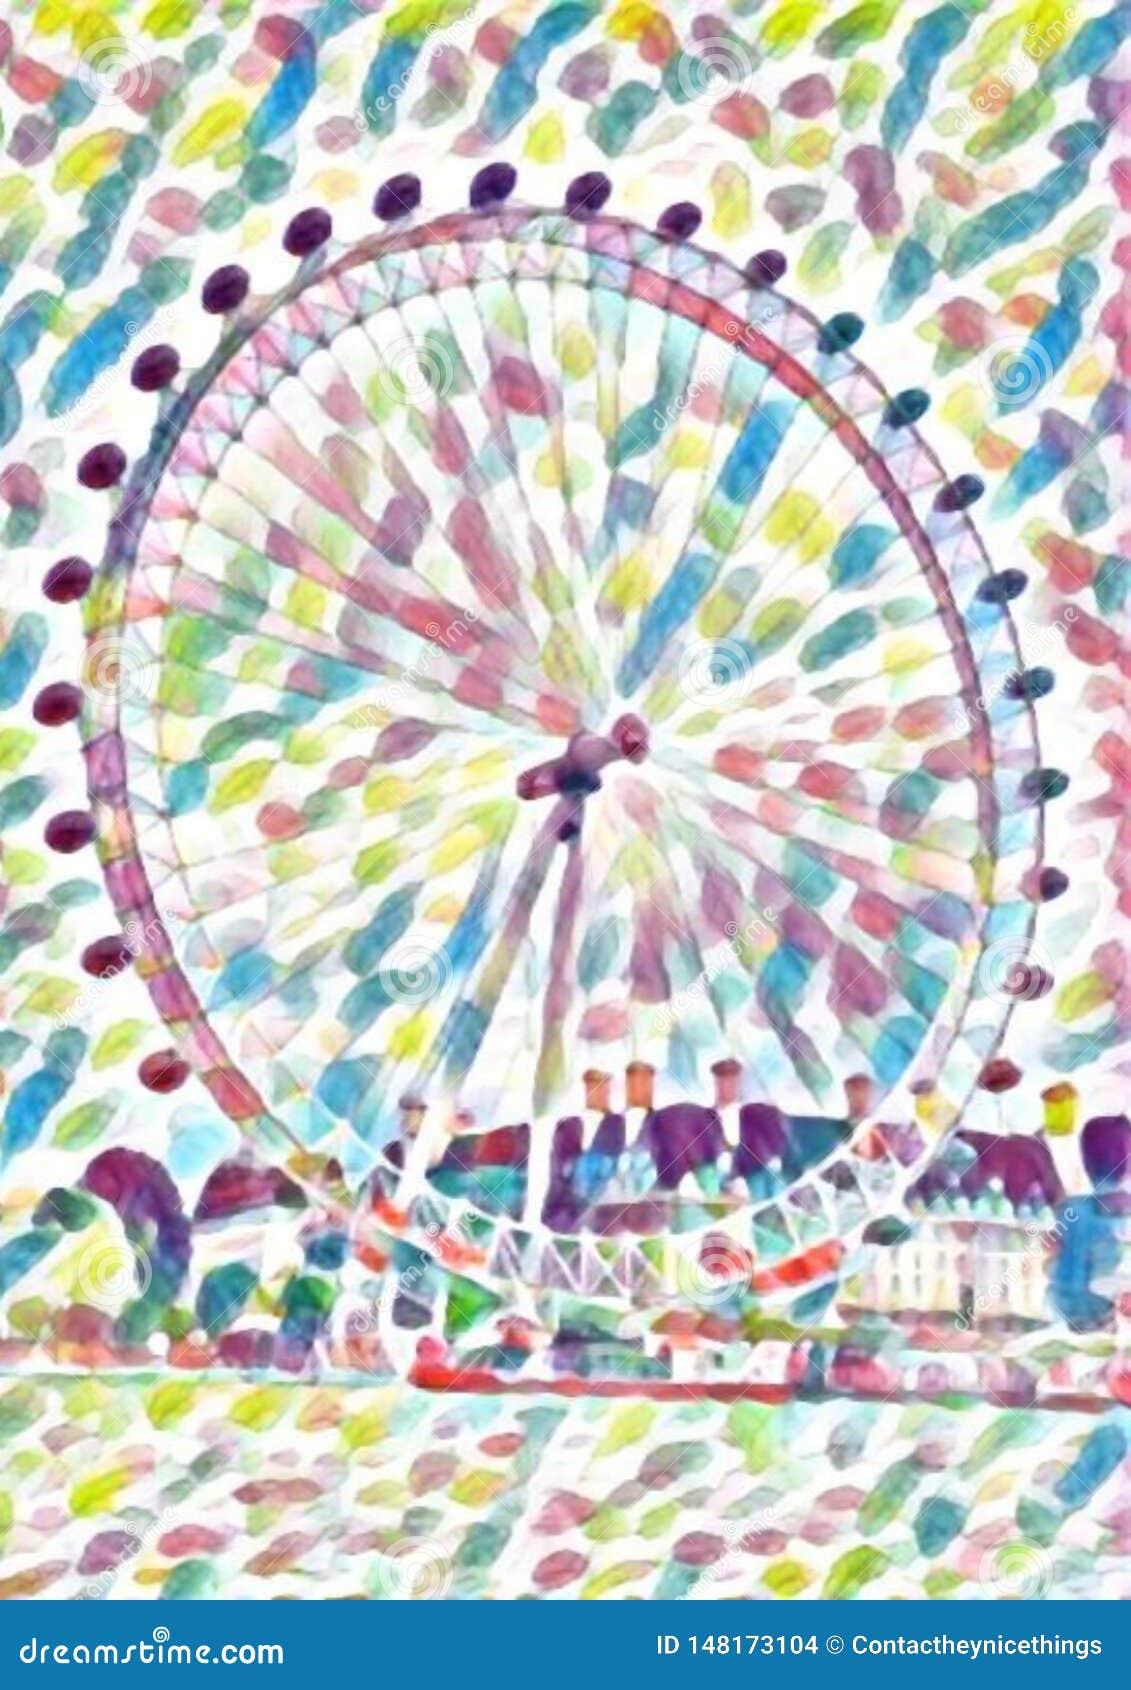 London eye ferris wheel watercolor